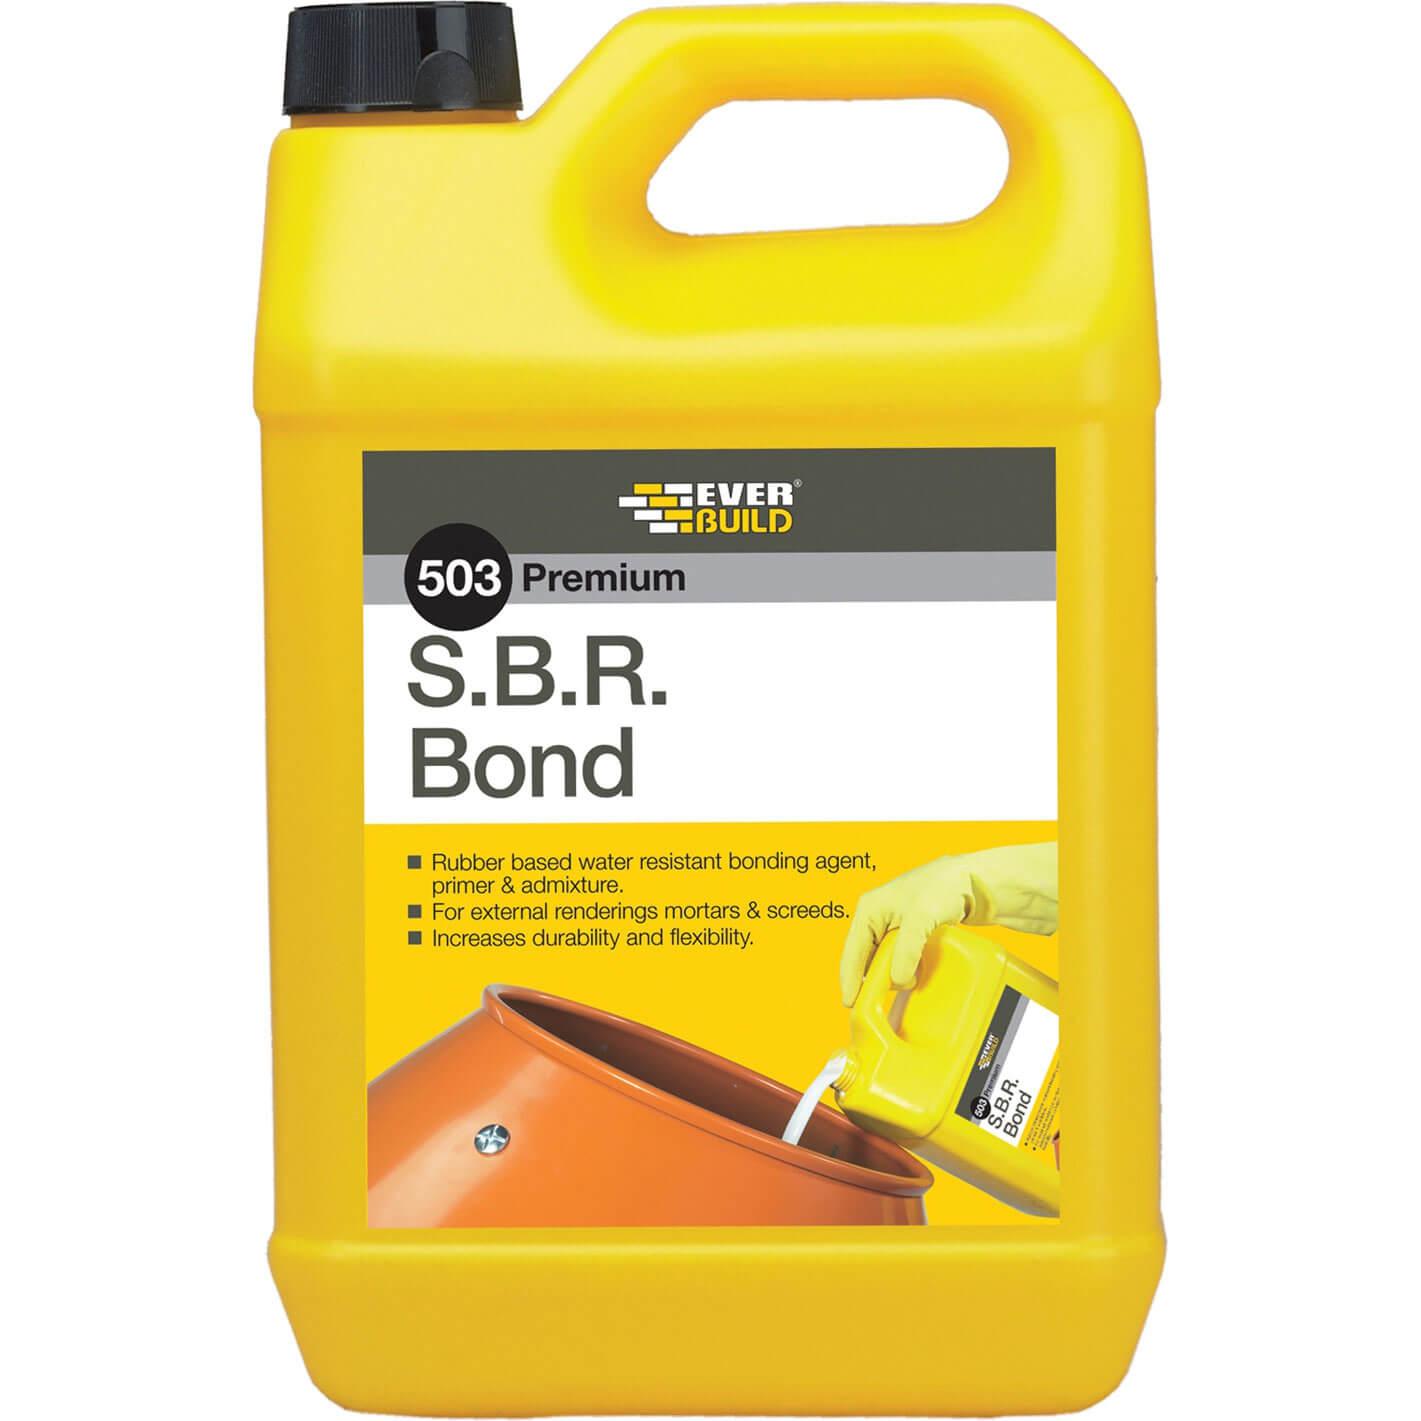 Everbuild 503 SBR Bond Water Resistant Cement Bonding Agent 2.5L